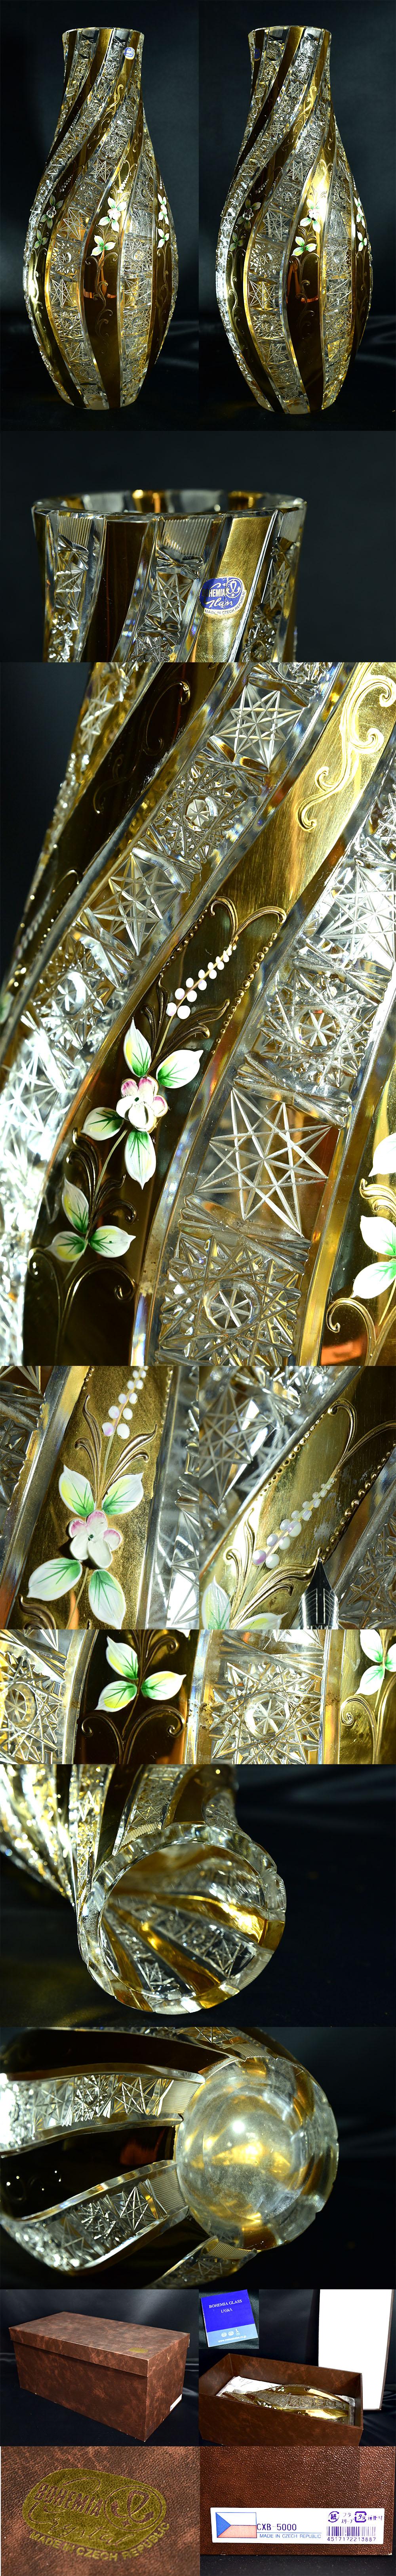 LASKA Bohemia glass 花瓶 CXB-5000